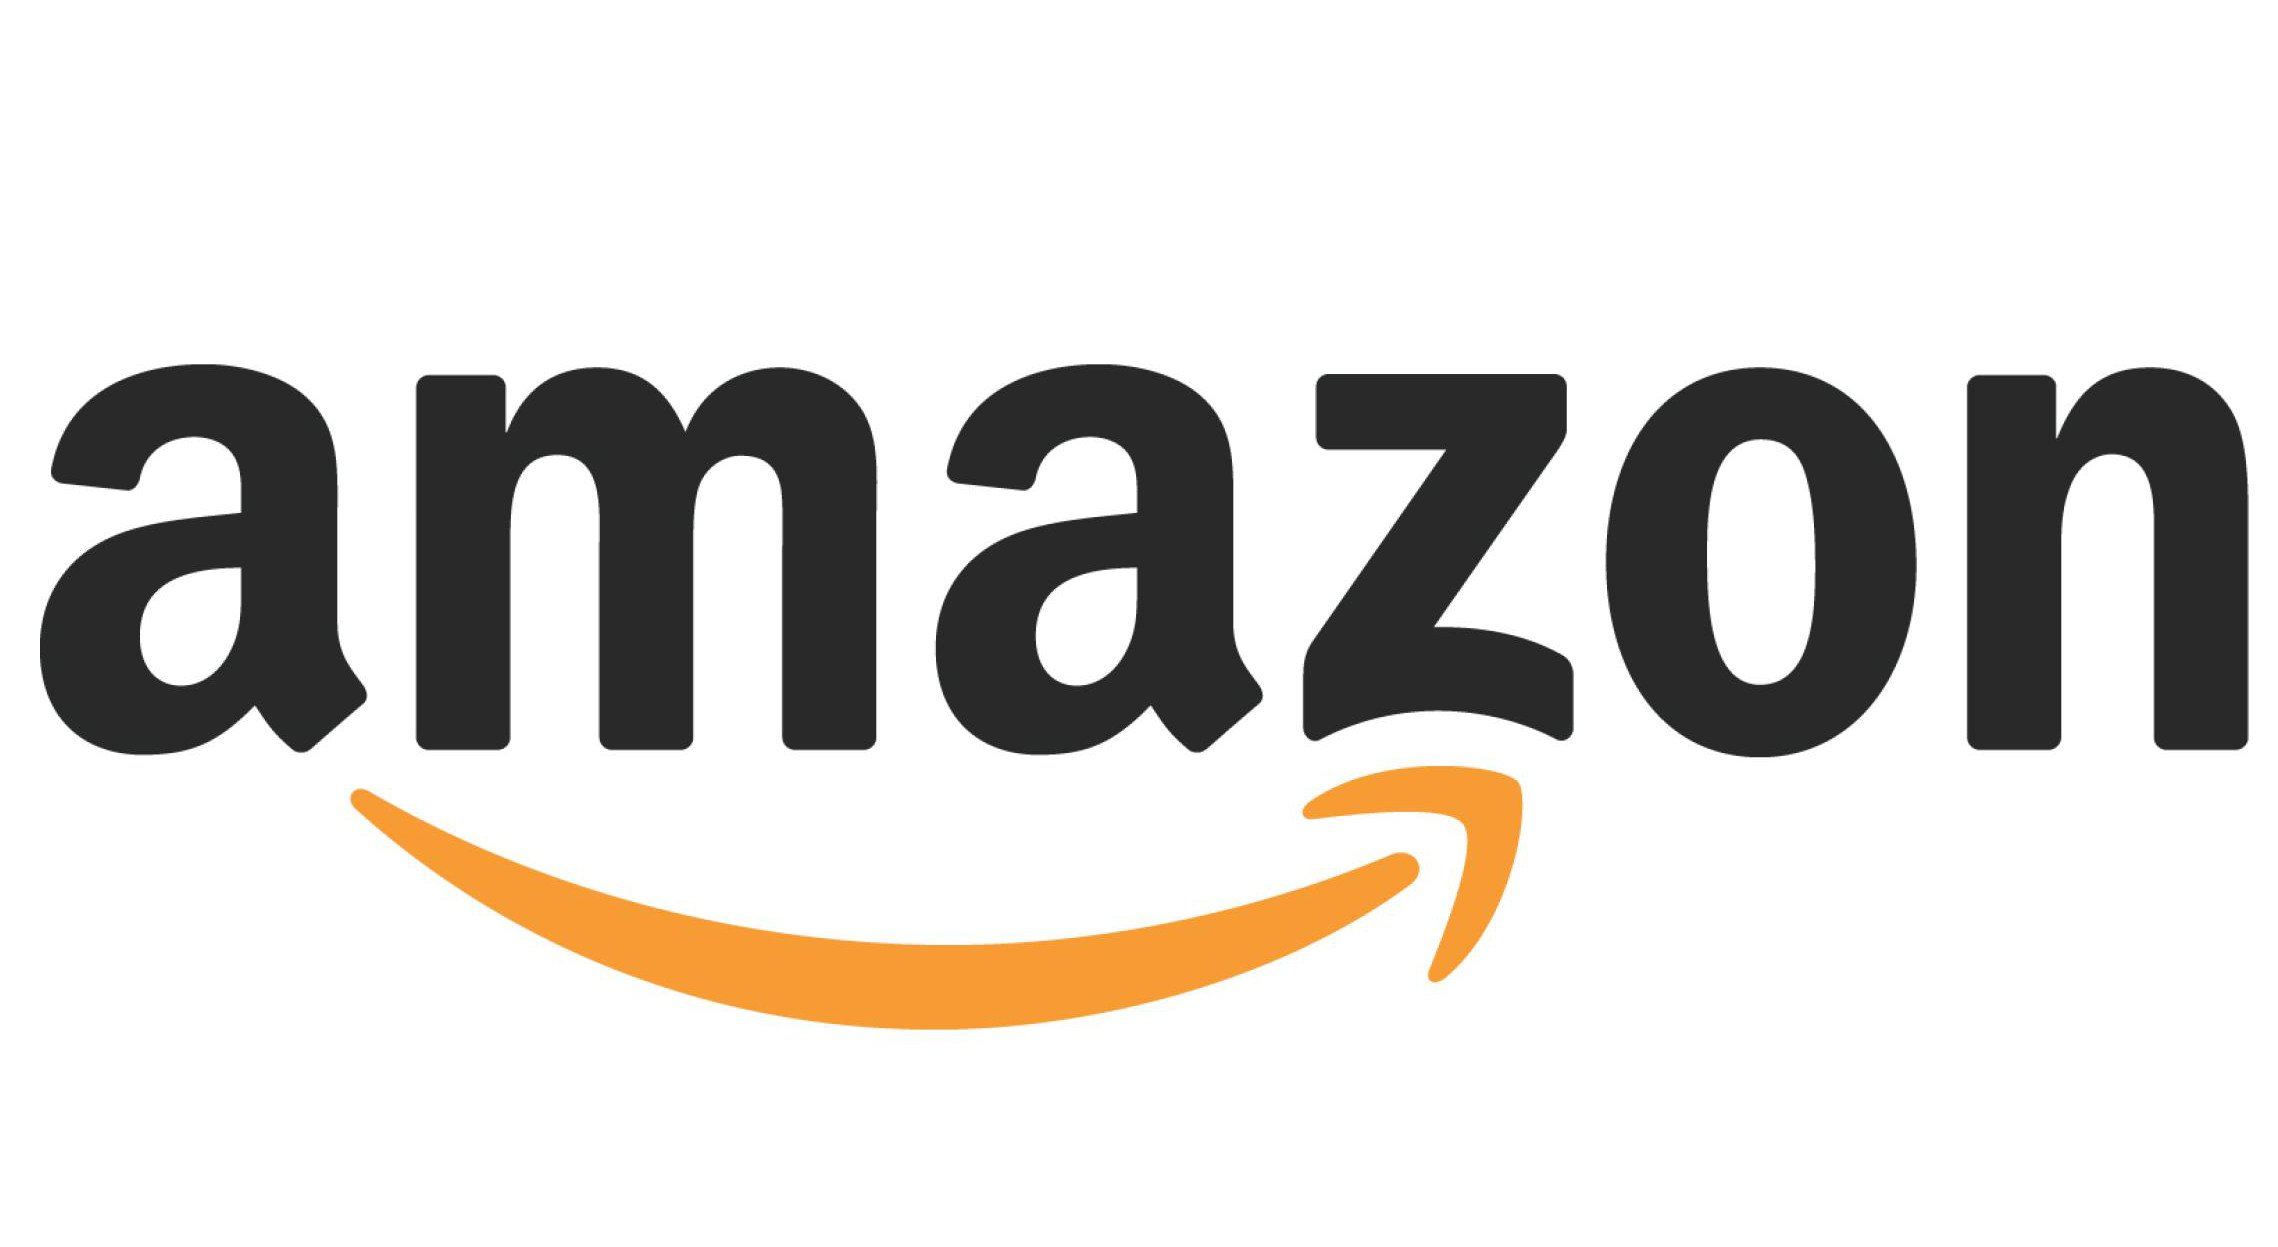 Amazon.it: In Italia si può scegliere di ricevere i prodotti presso un Pick-up Point in più di 10.000 uffici postali